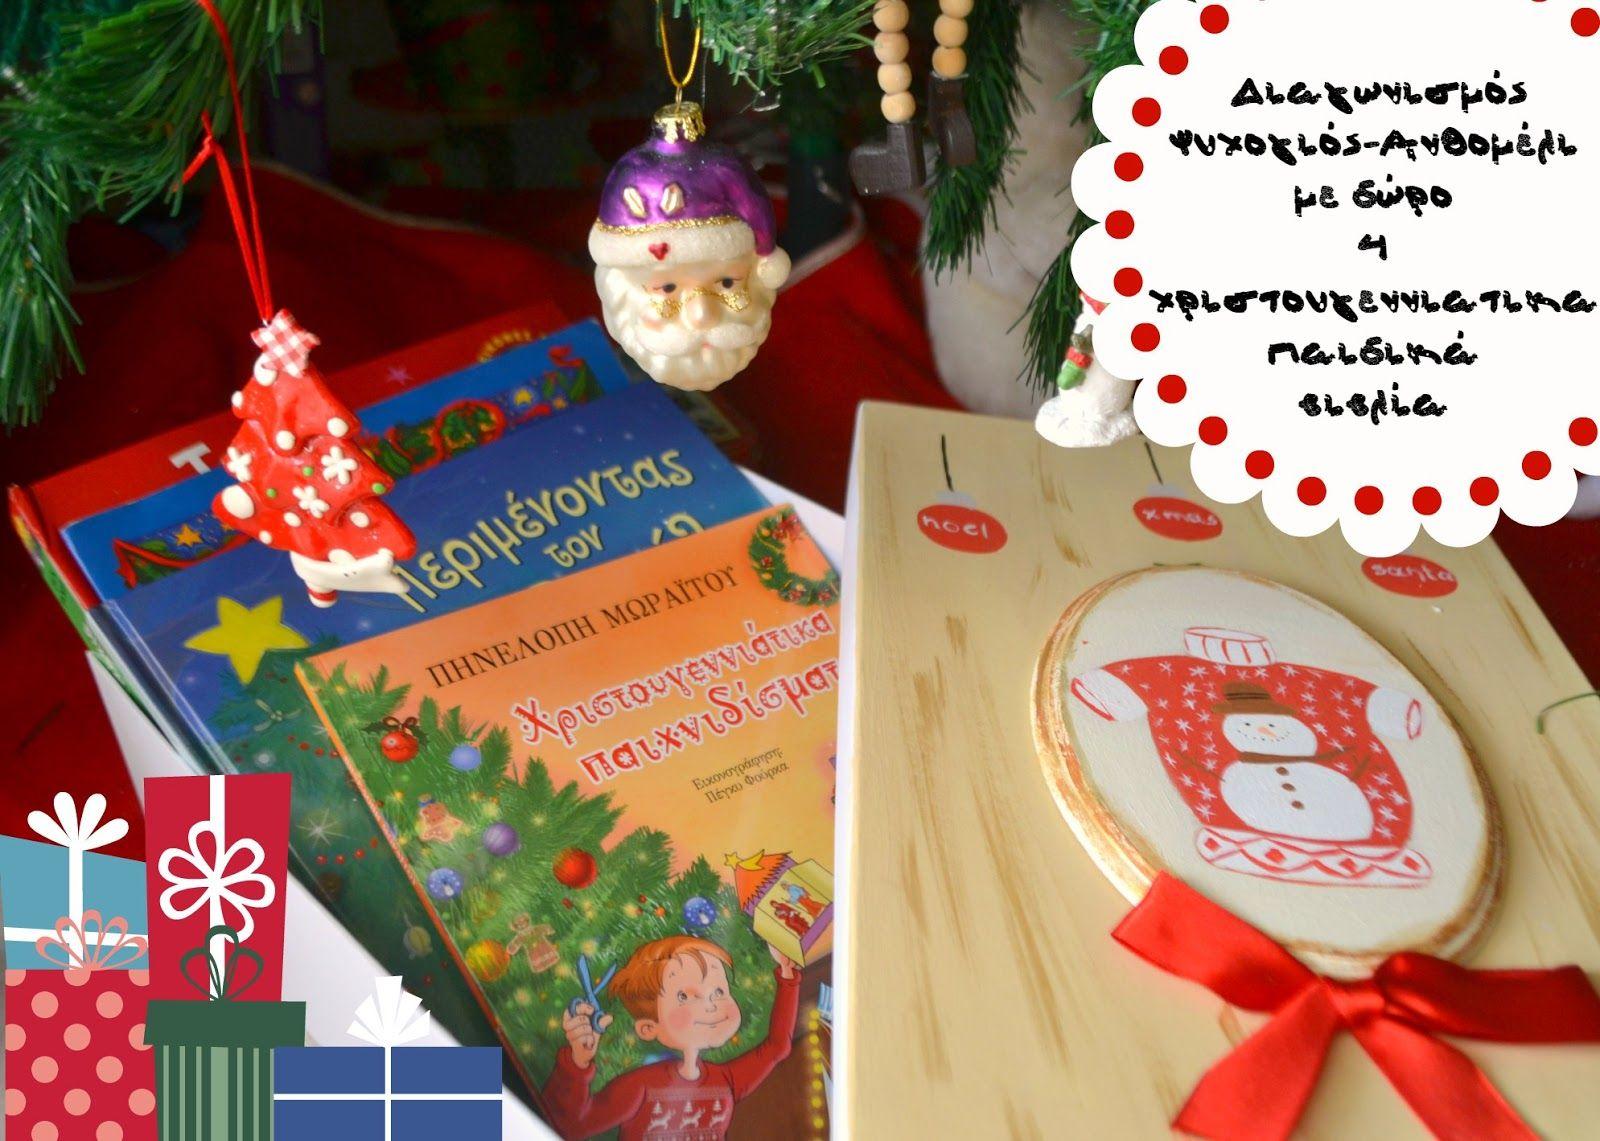 Διαγωνισμός με δώρο 4 παιδικά χριστουγεννιάτικα βιβλία ...